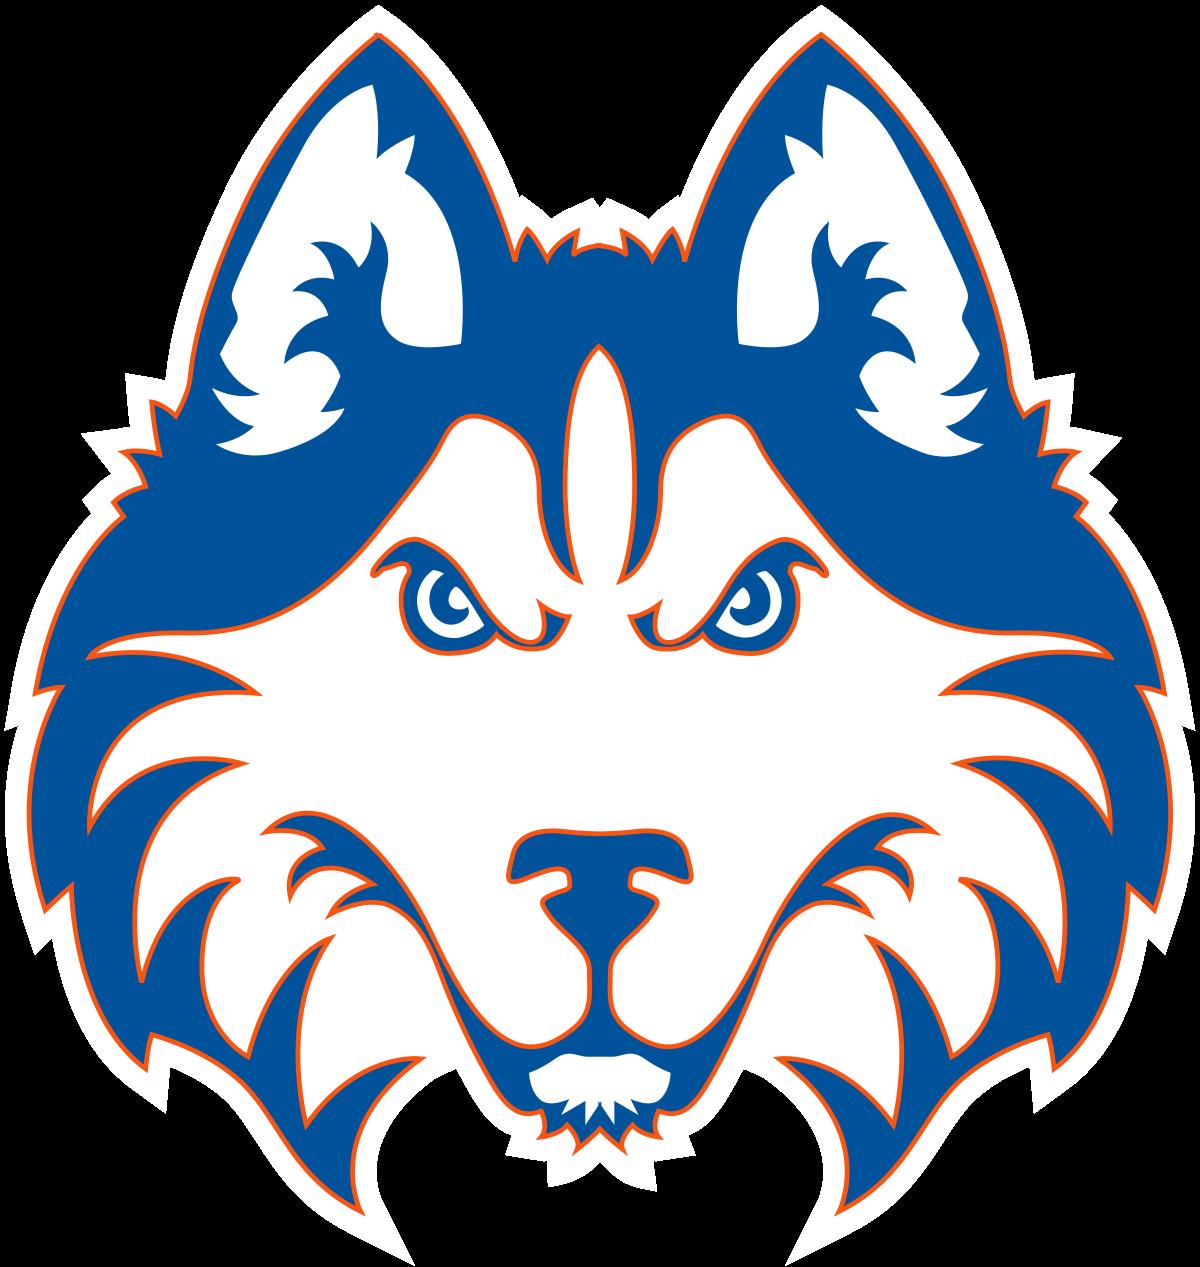 Husky football clipart vector freeuse Houston Baptist Huskies - Wikipedia vector freeuse